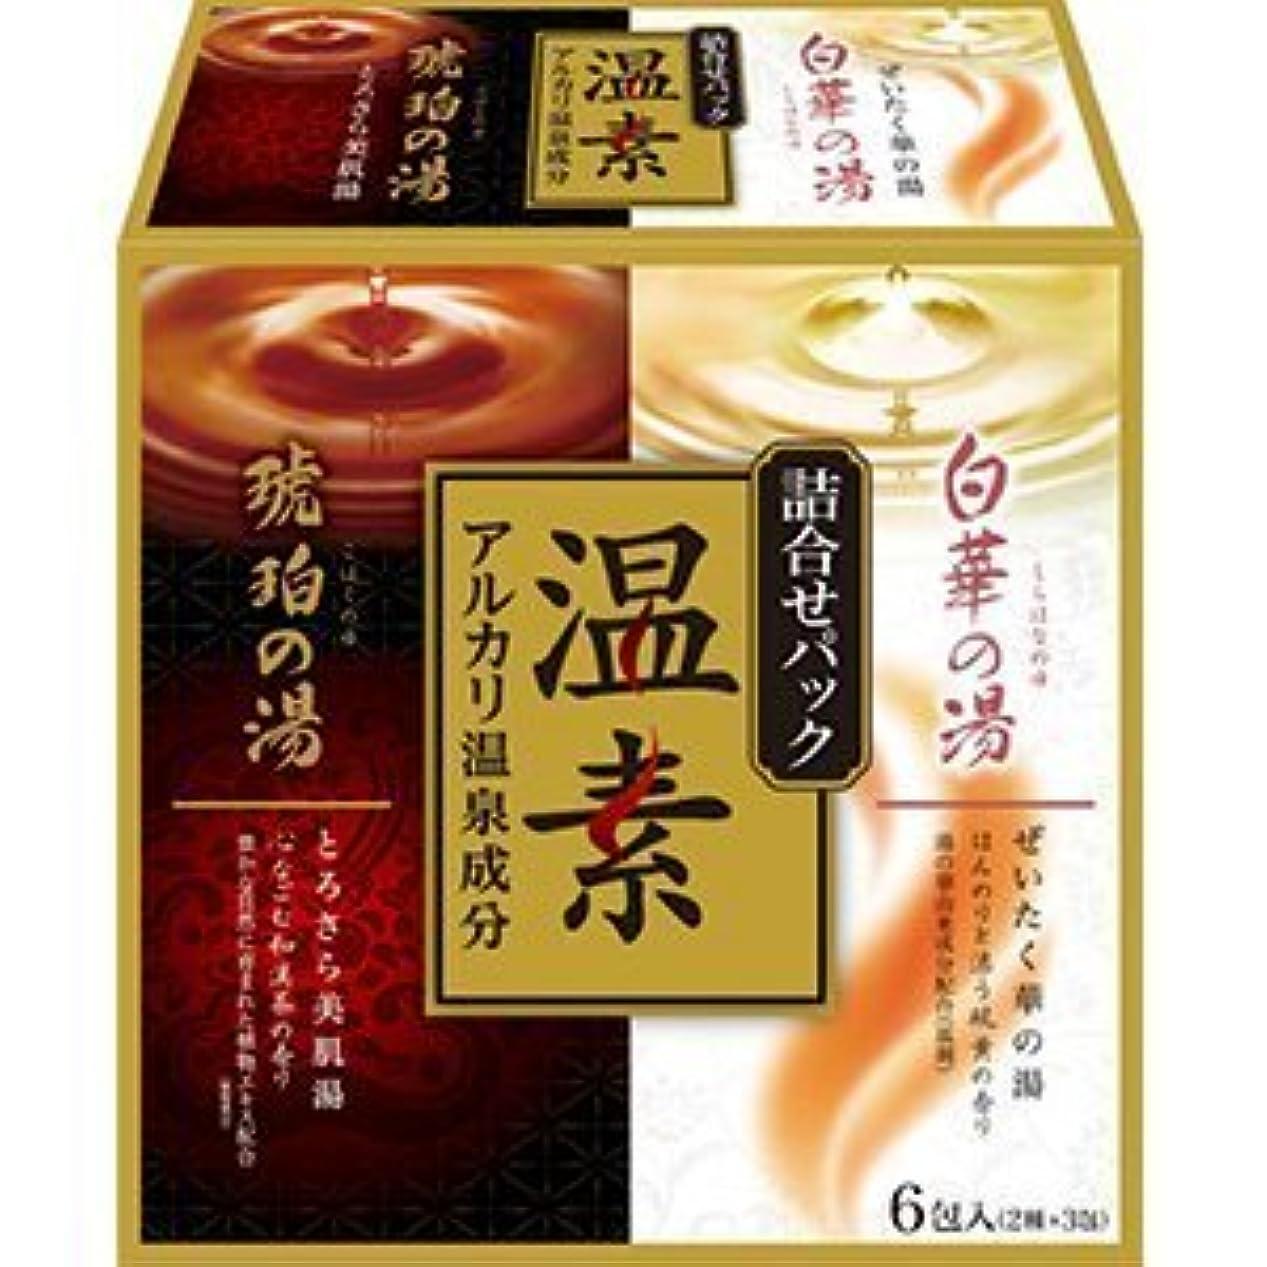 悩むオリエンタル隠す温素 琥珀の湯&白華の湯 詰合せパック × 3個セット